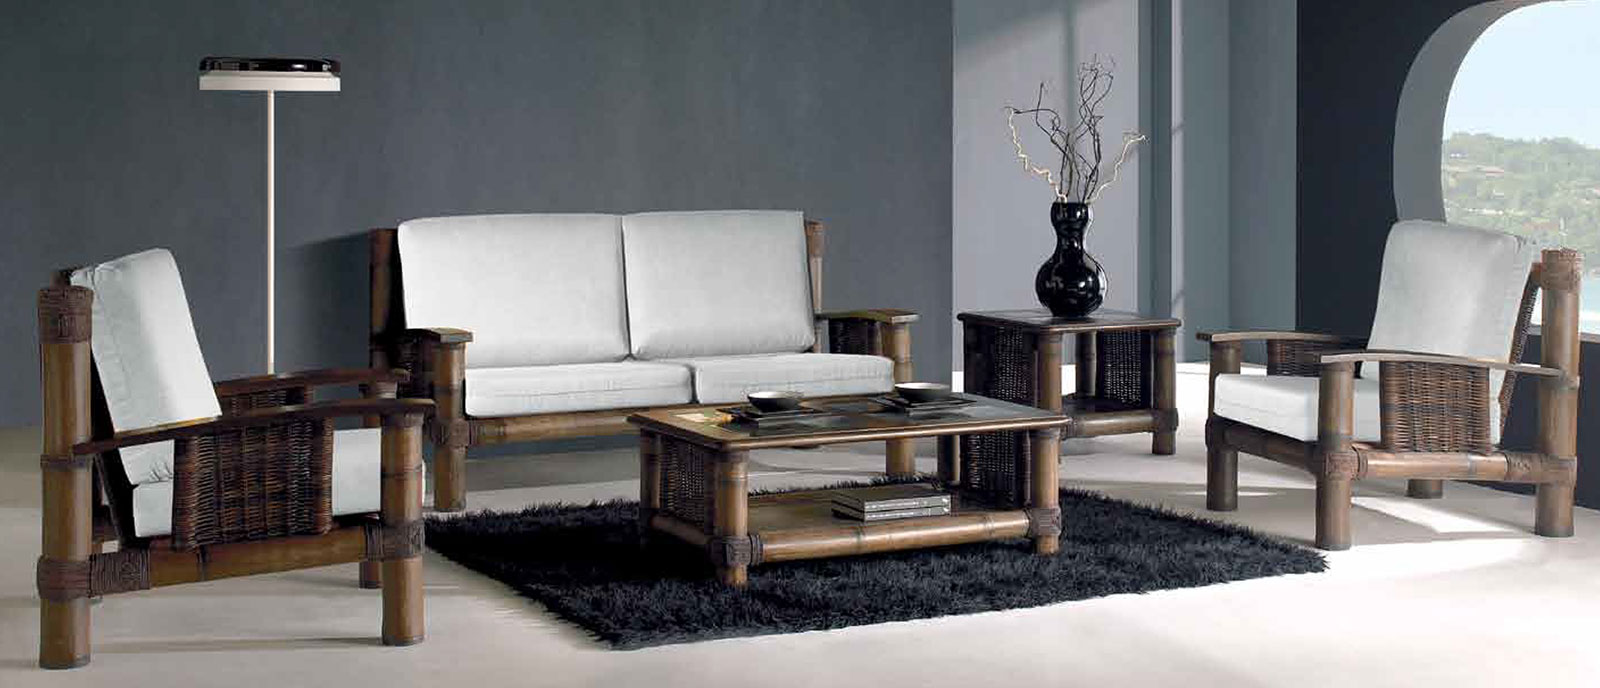 Dco Salon Zen Bambou. Interior Design Dcor Decoration Decorating ...